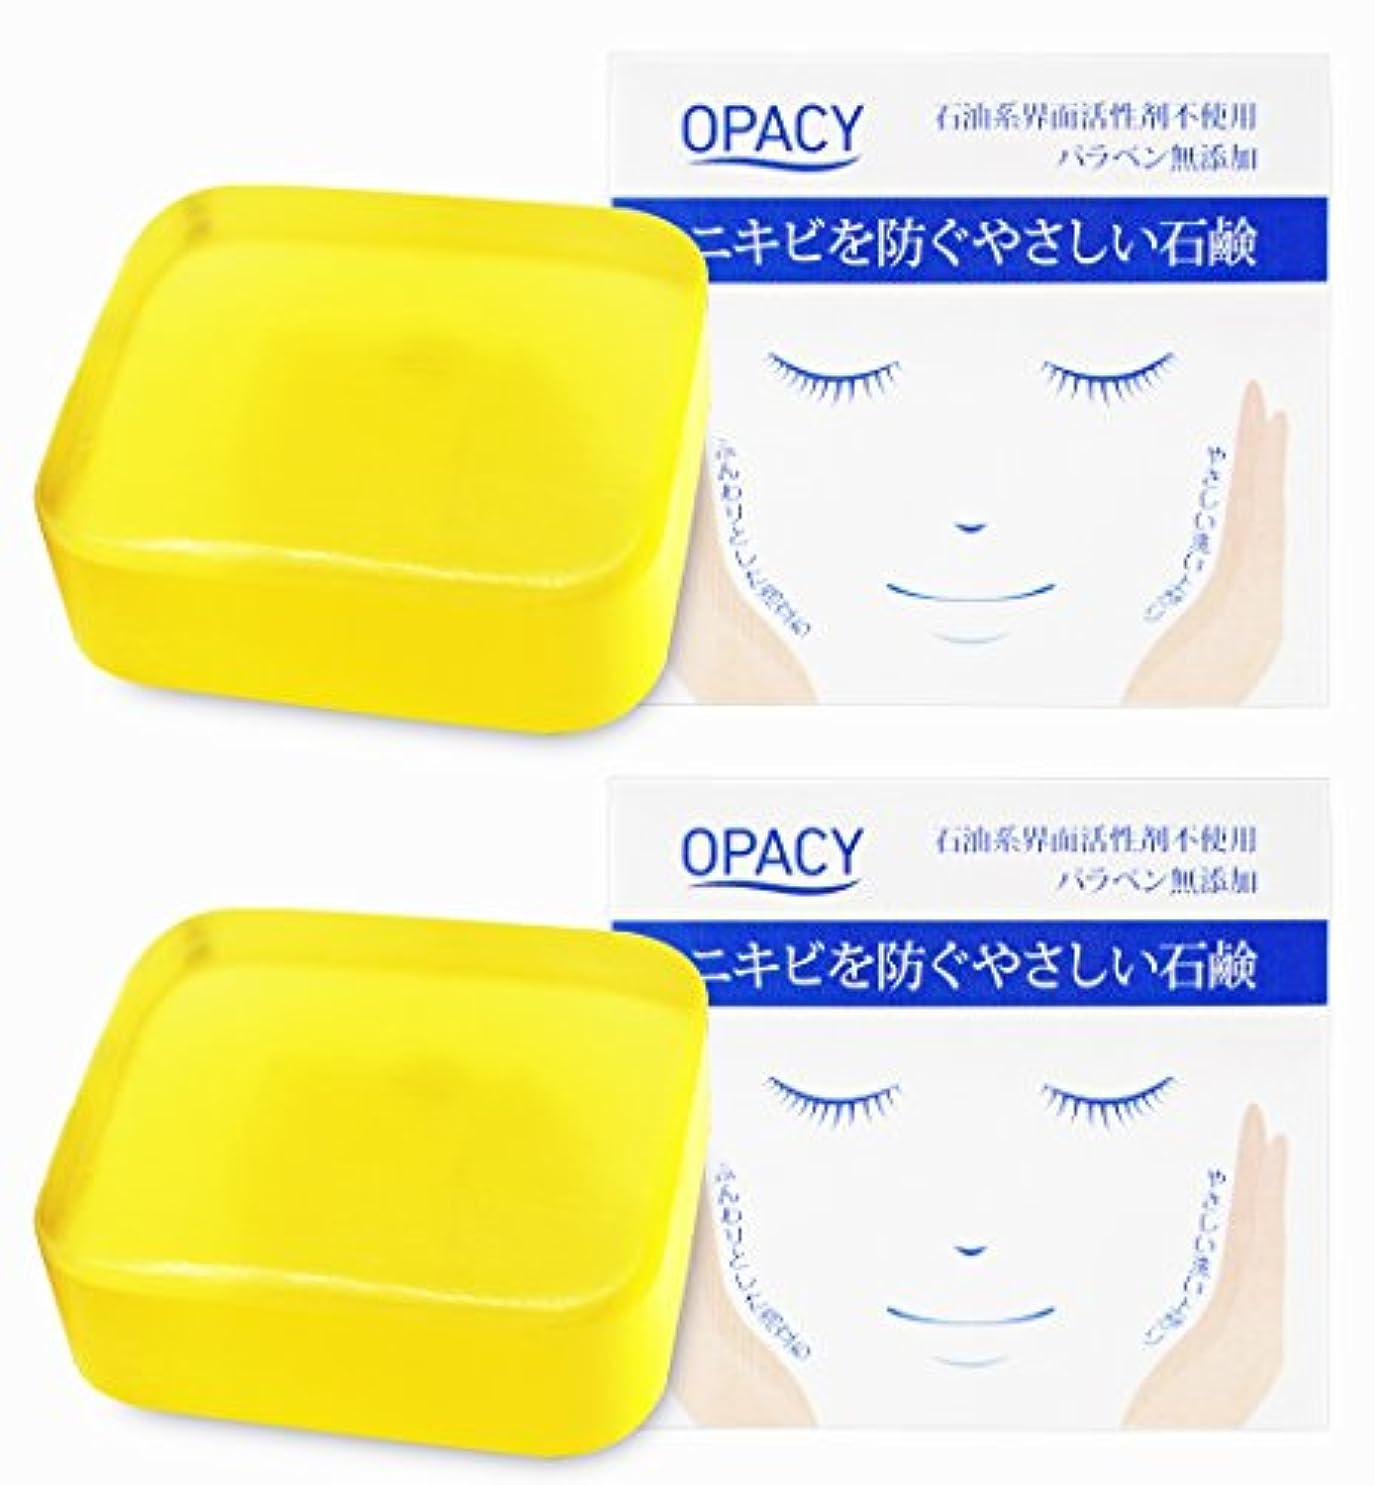 安定したアウターパトロン【2個セット】オパシー石鹸100g (2個)